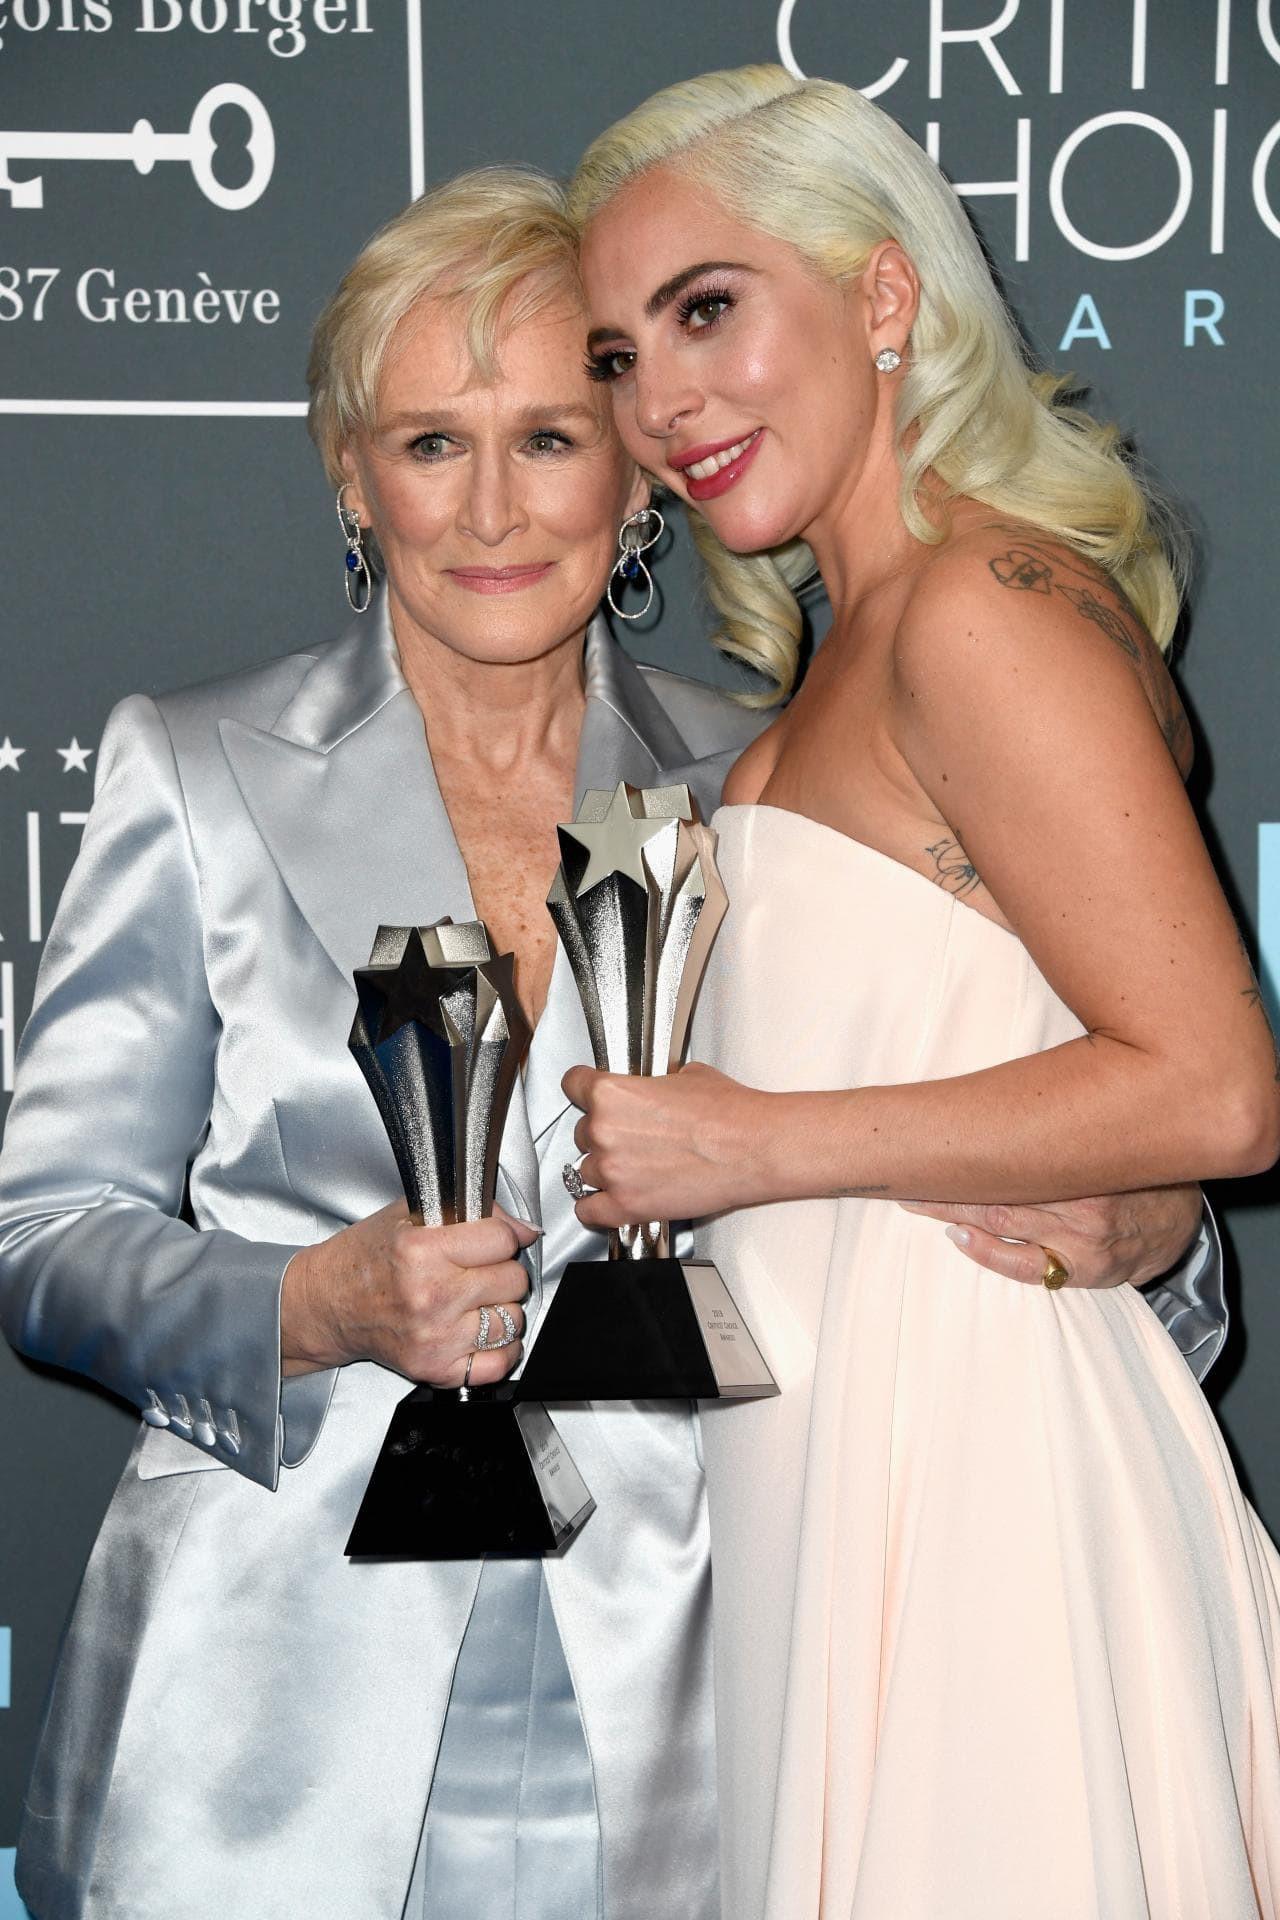 Critics Choice Awards 2019 - Phim giới siêu giàu châu Á Crazy Rich Asians bất ngờ được vinh danh, Lady Gaga chia giải Nữ chính Xuất sắc - Ảnh 4.